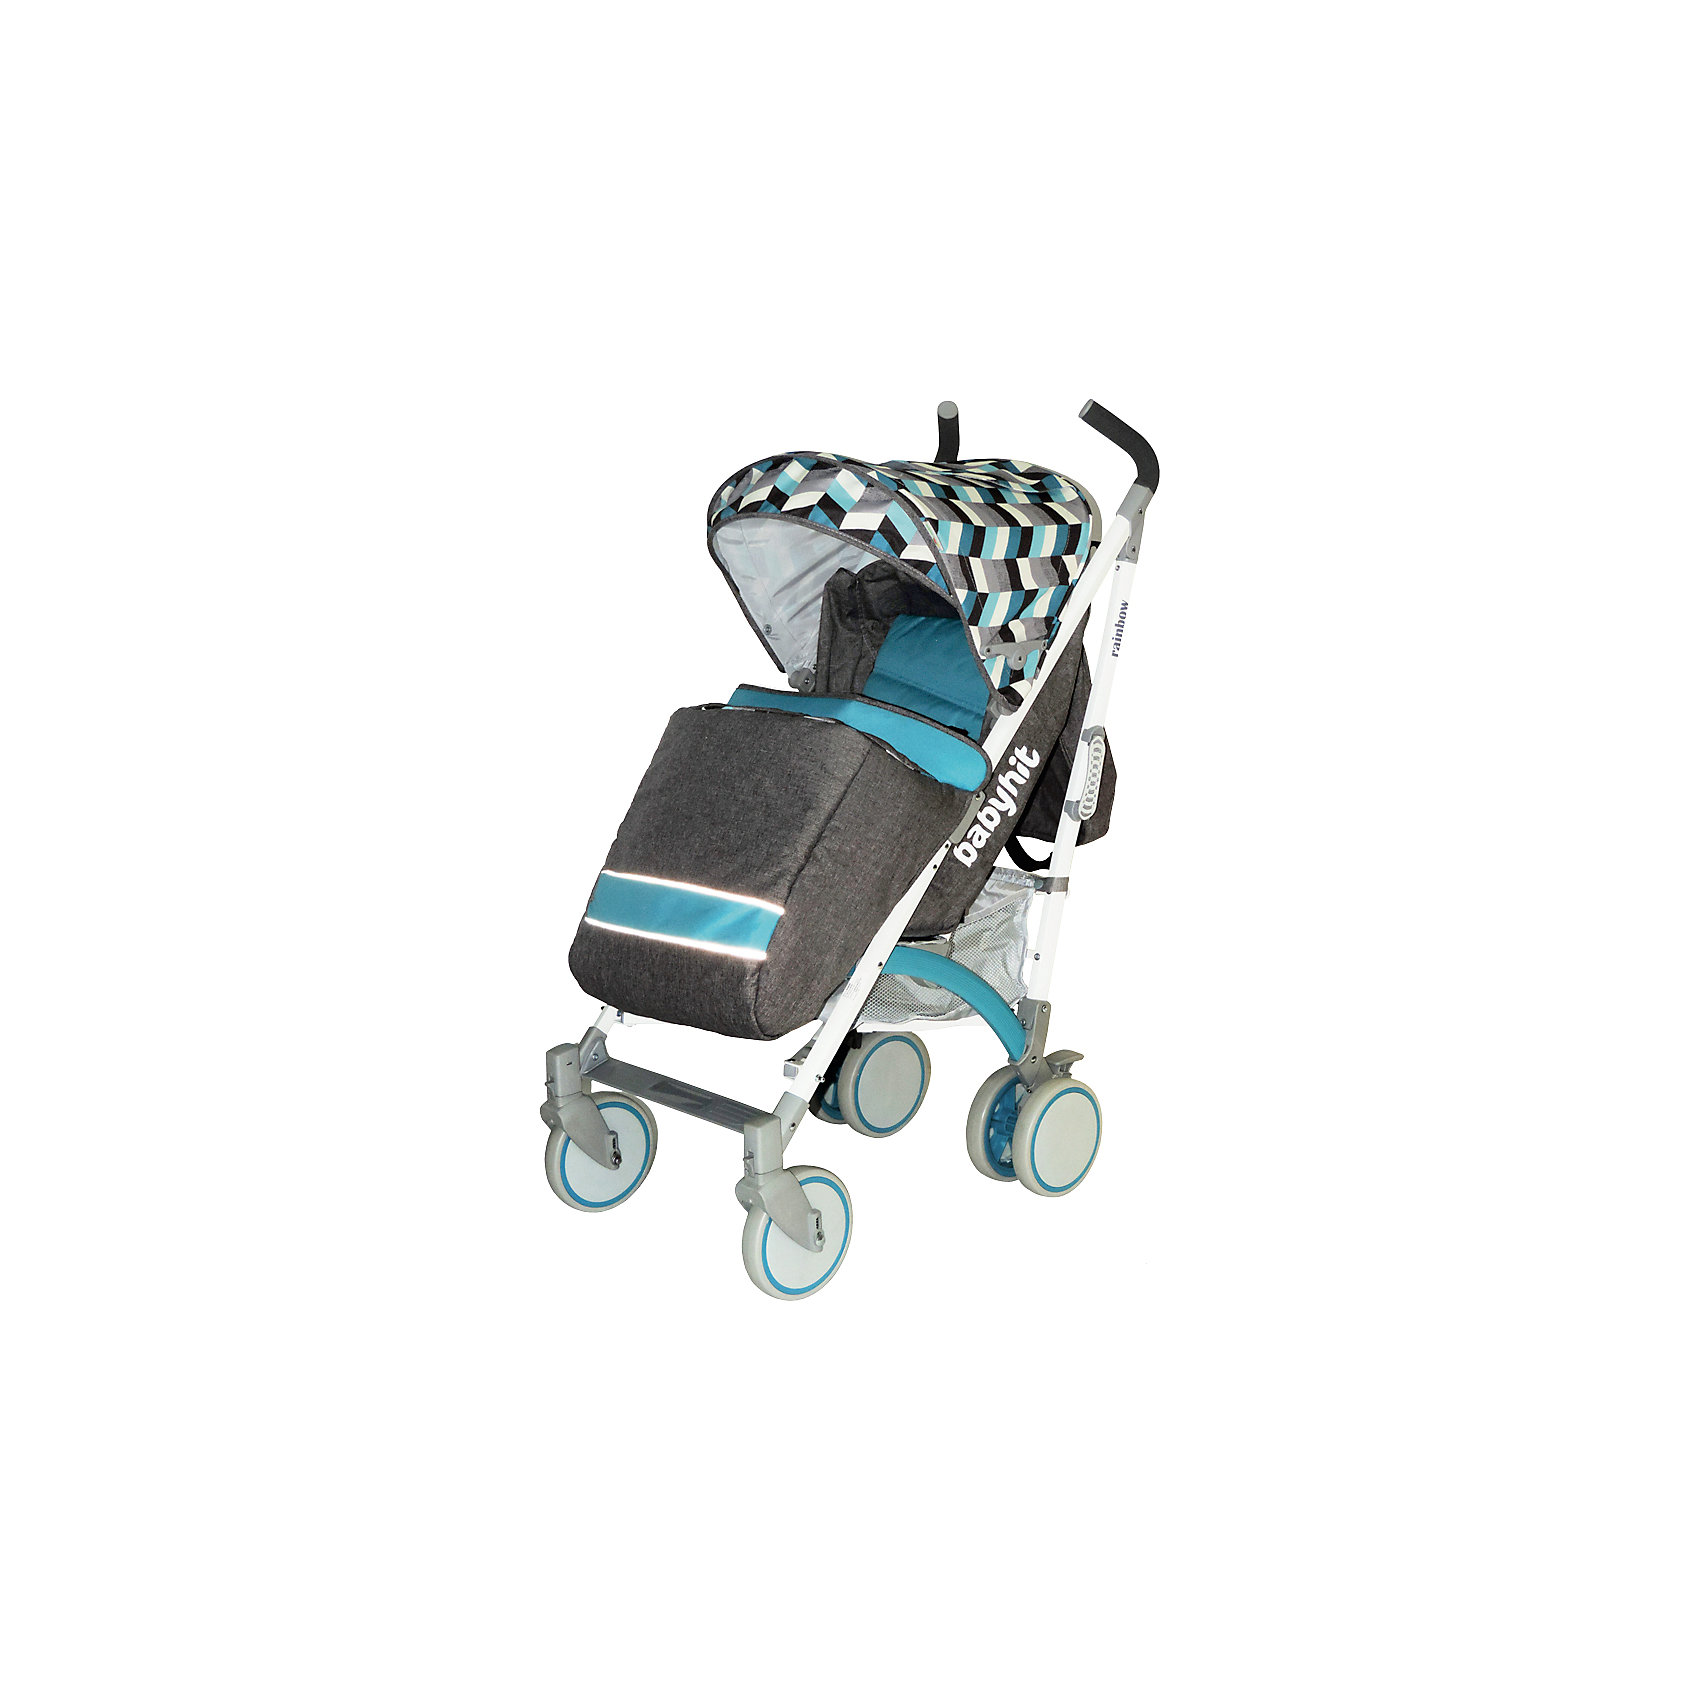 Коляска-трость BabyHit Rainbow, голубой/серыйКоляски-трости<br>Дополнительная информация:<br><br>Прогулочная коляска-трость предназначена для детей от 6-ти месяцев до 3-х лет.<br>Спинка сиденья регулируется в 3-х положениях для комфортного отдыха ребенка.<br>5-ти точечные ремни безопасности с мягкими плечевыми накладками и паховый ремень надежно удержат малыша на прогулке.<br>Бампер предназначен для дополнительной безопасности, снимается при необходимости.<br>Подножка регулируемая.<br>Капюшон-батискаф опускается до бампера.<br>Передние поворотные колеса с возможностью фиксации в положении прямо.<br>Все колеса амортизированы.<br>В сложенном виде коляску легко переносить с помощью удобной ручки.<br>Коляска автоматически блокируется при складывании.<br>Корзинка для покупок расположена в нижней части коляски.<br>Размеры коляски в разложенном виде: 85/43/108 см.<br>Ширина сиденья: 35 см.<br>Высота спинки: 47 см.<br>Глубина сиденья: 25 см.<br>Длина подножки: 13 см.<br>Размер спального места при поднятой подножке - 85 х 35 см.  <br>Диаметр колес: 18 см.<br>Вес коляски - 7,4 кг.<br>В комплекте:<br>Чехол для ножек. <br>Дождевик.<br>Москитная сетка.<br>Корзинка для покупок.<br>Сумка (нет в комплекте у колясок в расцветках: бежевый, голубой, малиновый). <br><br><br><br>Коляску-трость RAINBOW, BabyHit, голубой/серый можно купить в нашем магазине.<br><br>Ширина мм: 260<br>Глубина мм: 250<br>Высота мм: 900<br>Вес г: 8700<br>Цвет: сине-серый<br>Возраст от месяцев: 6<br>Возраст до месяцев: 36<br>Пол: Мужской<br>Возраст: Детский<br>SKU: 4640318